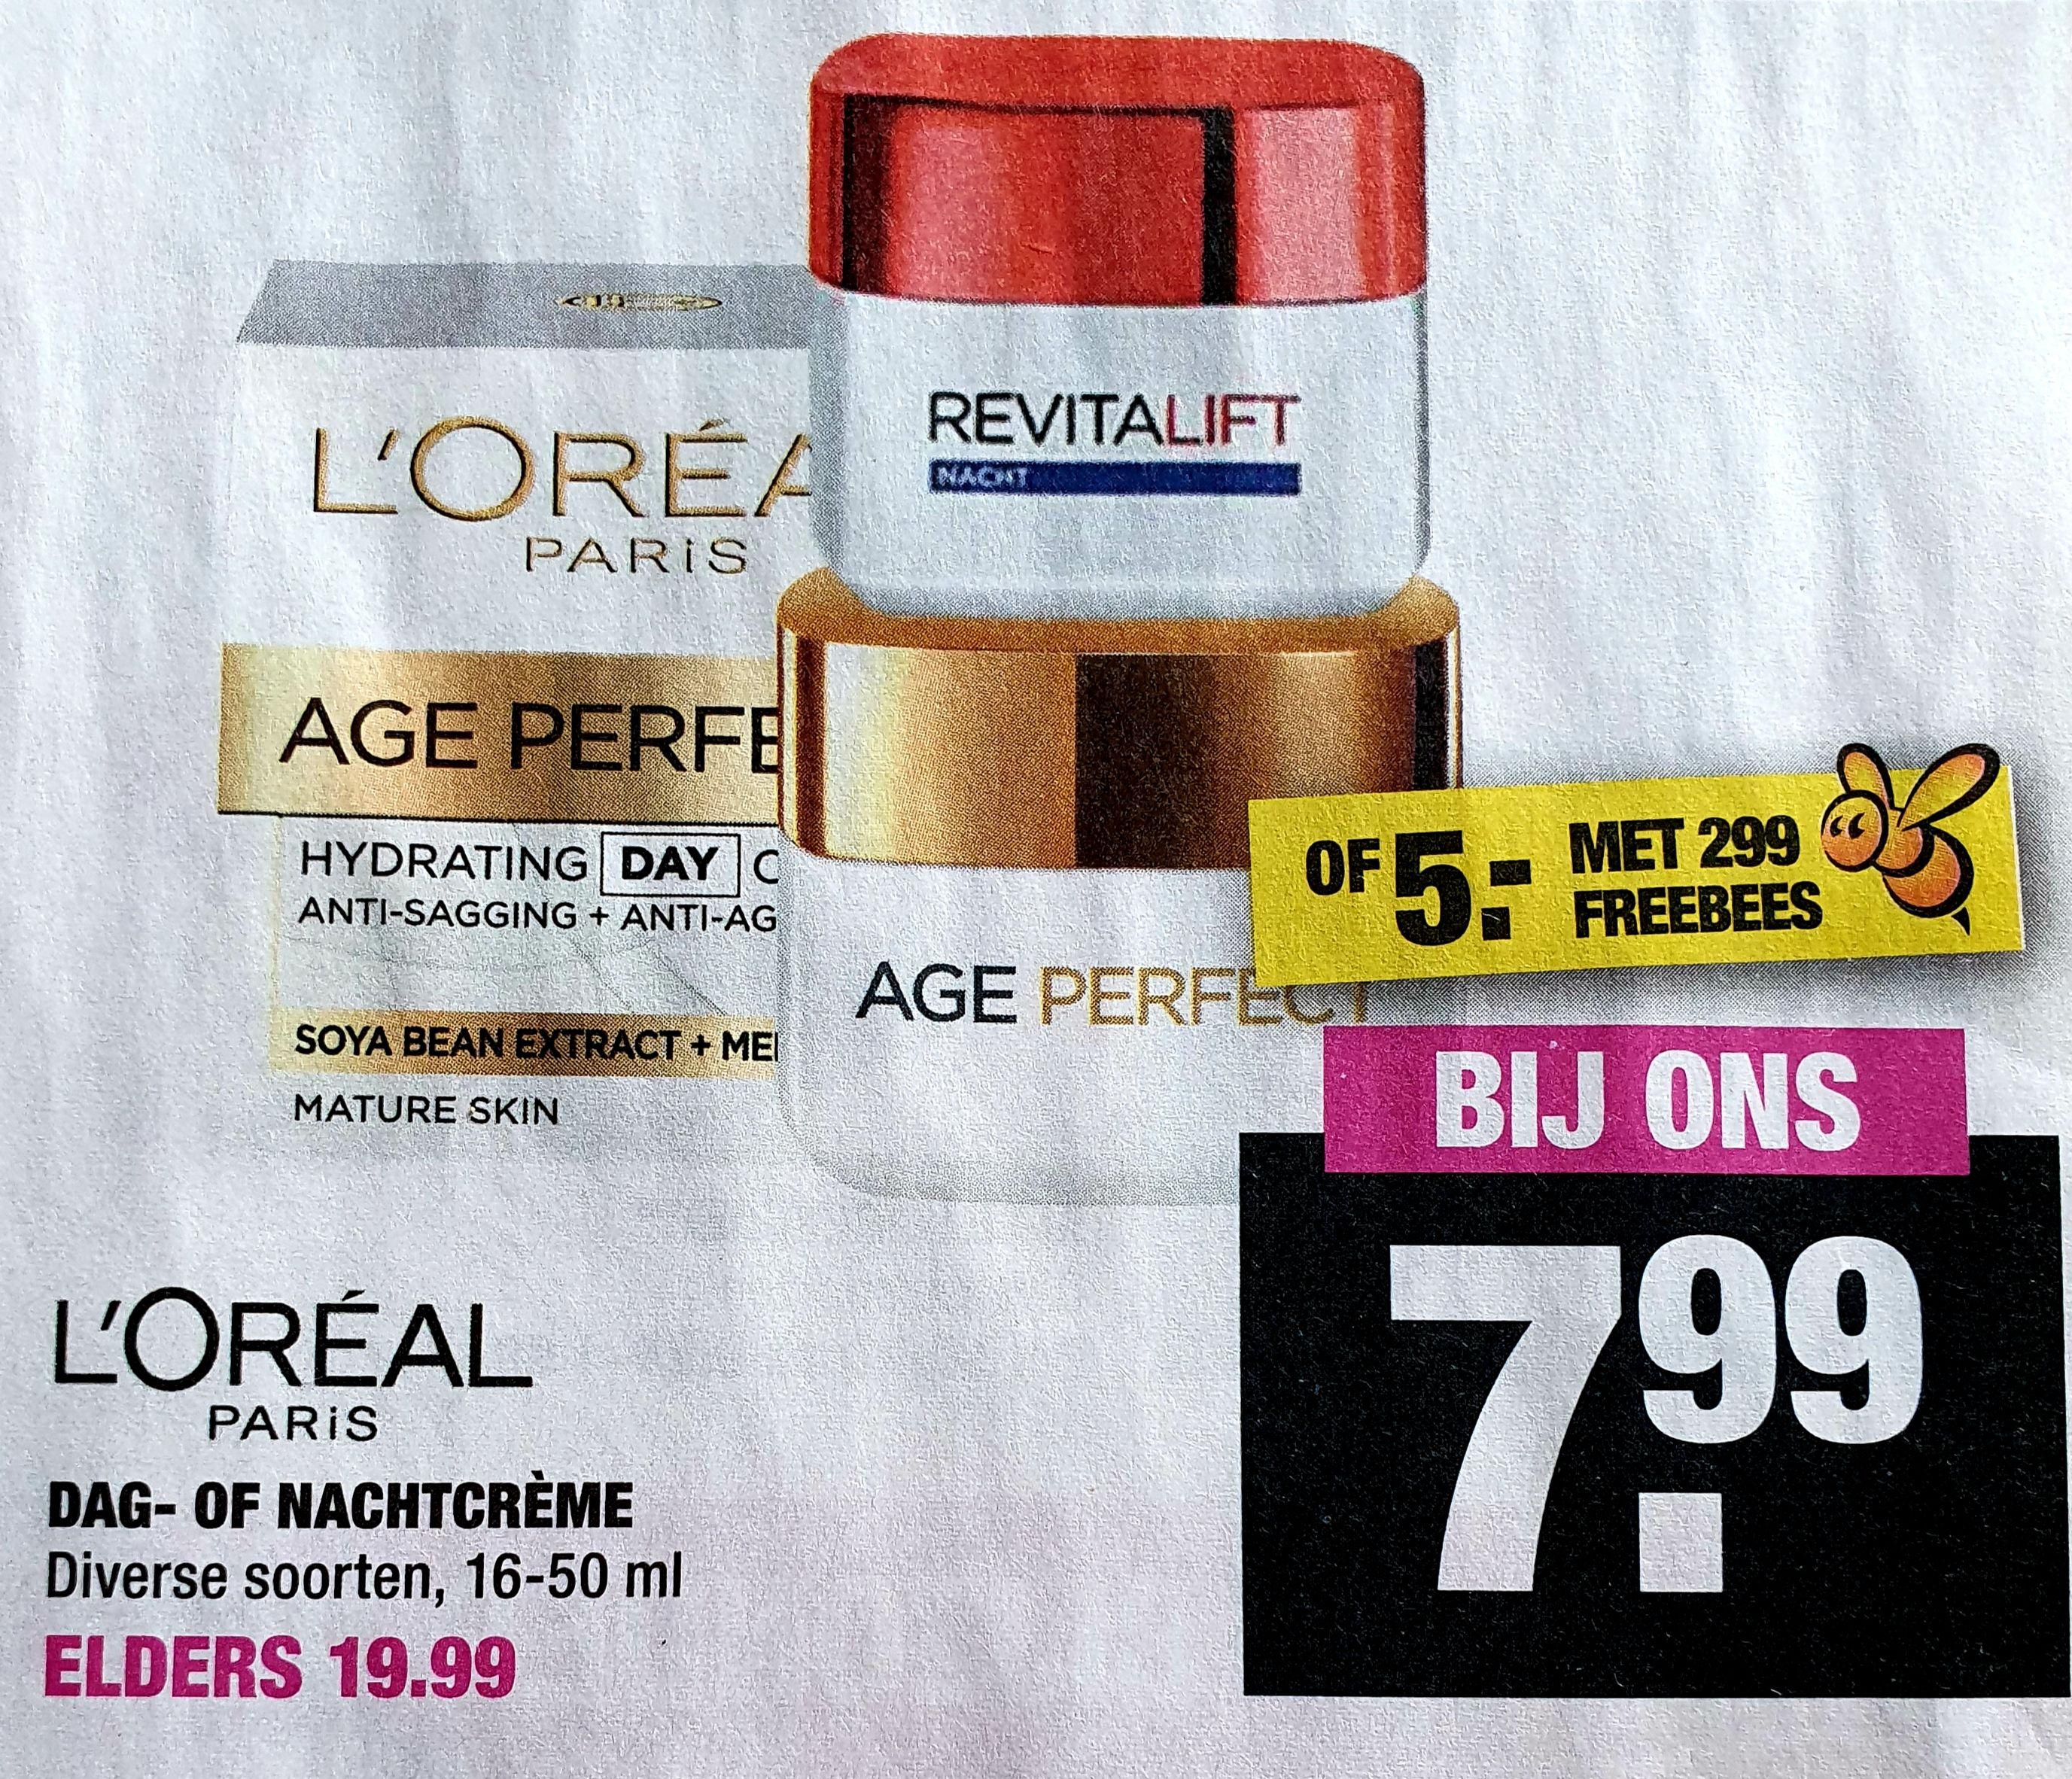 L'ORÉAL gezichtscrème €7,99 of €5,00 Big Bazar